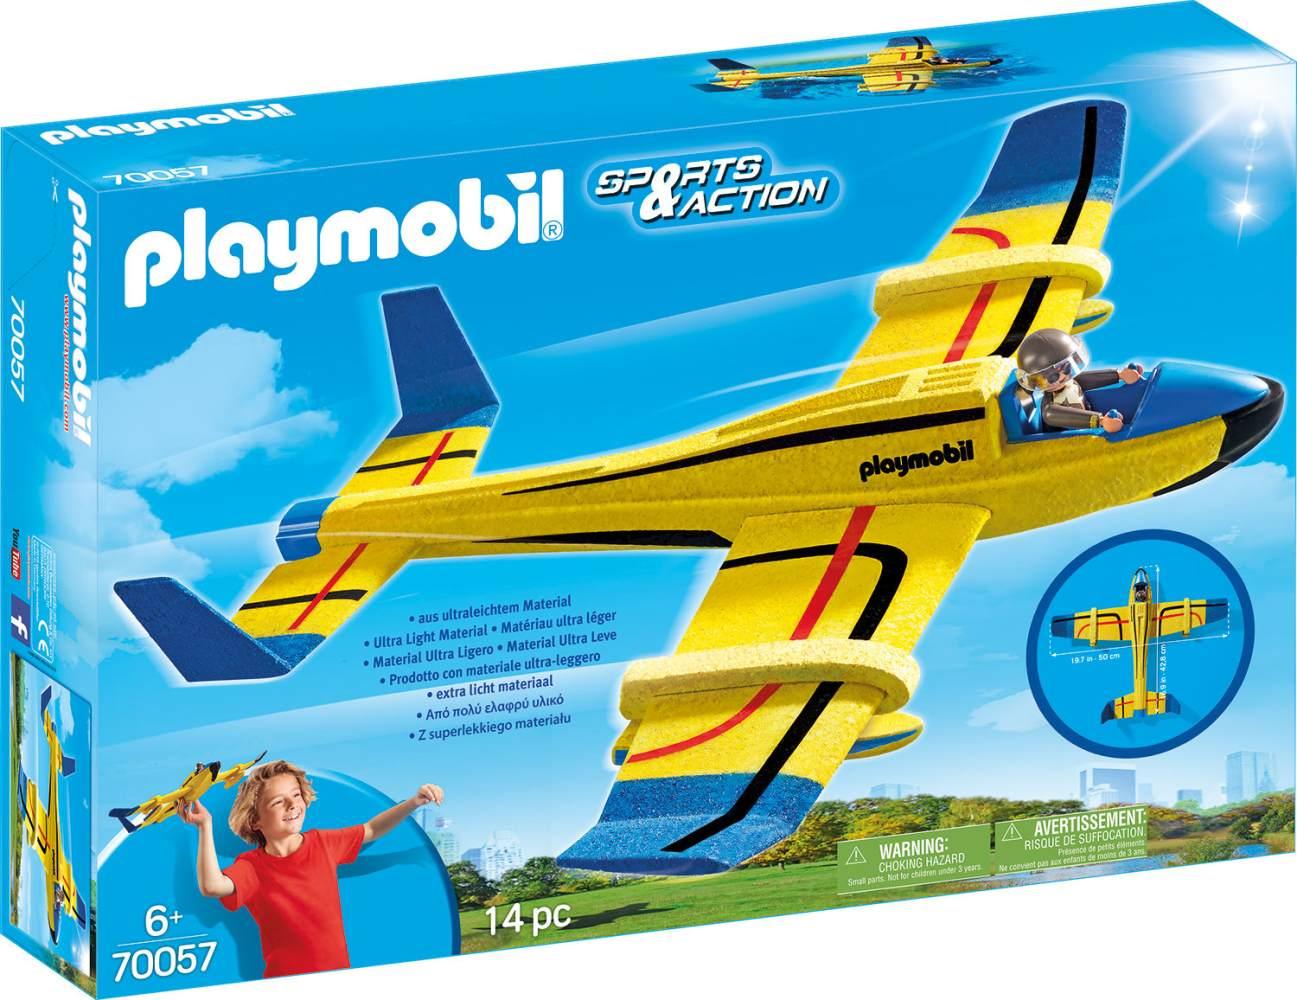 PLAYMOBIL Sports & Action 70057 'Wurfgleiter Wasserflugzeug', 14 Teile, ab 6 Jahren Bild 1